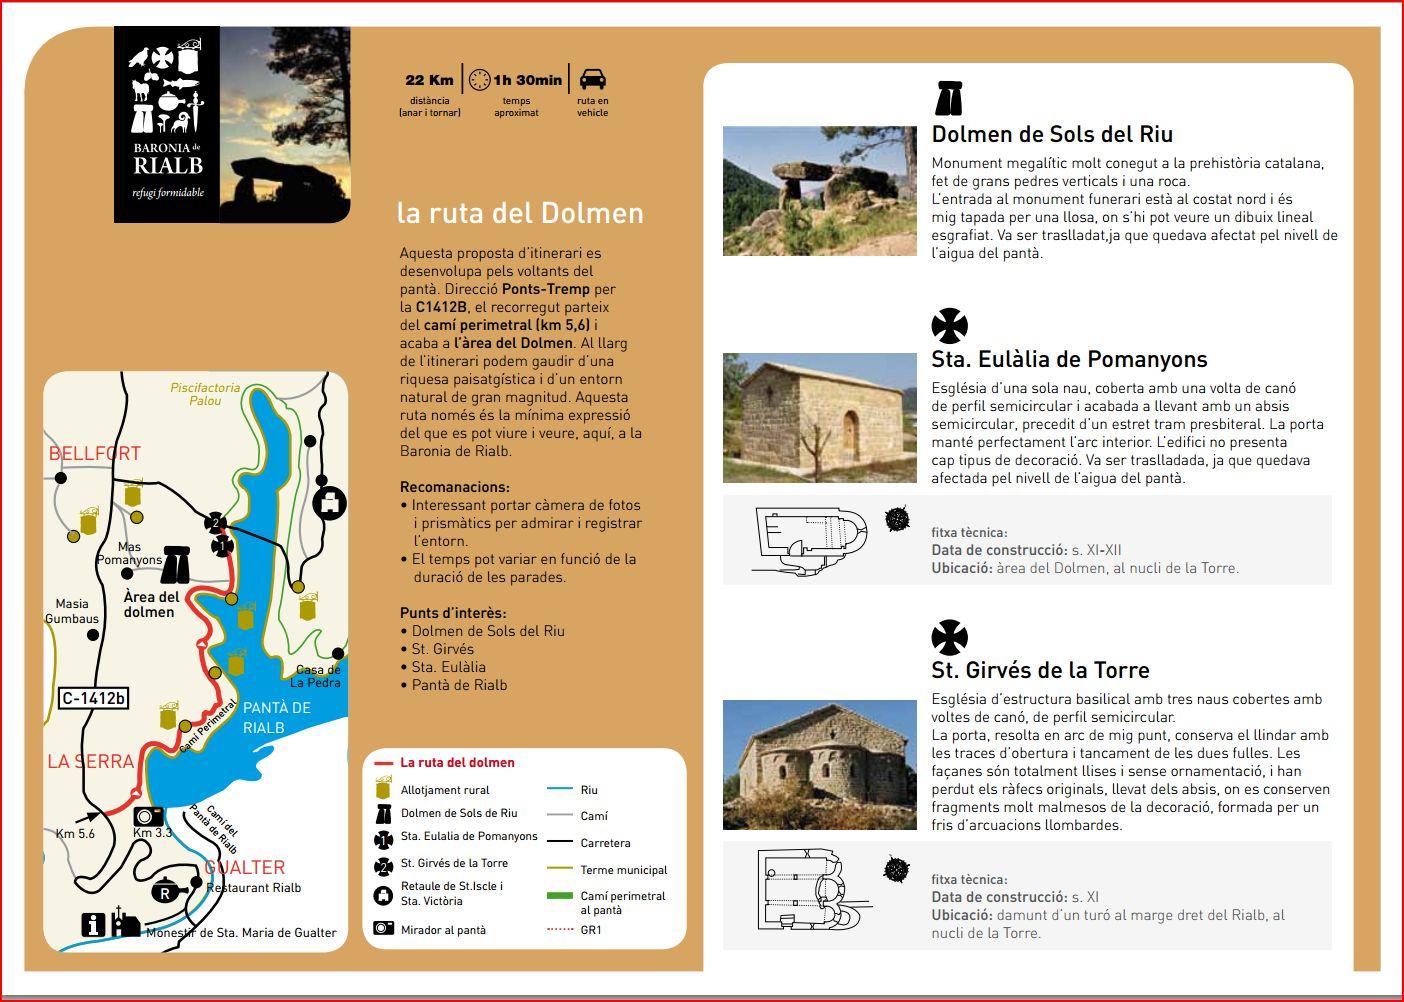 baronia-de-rialb-la-ruta-del-dolmen